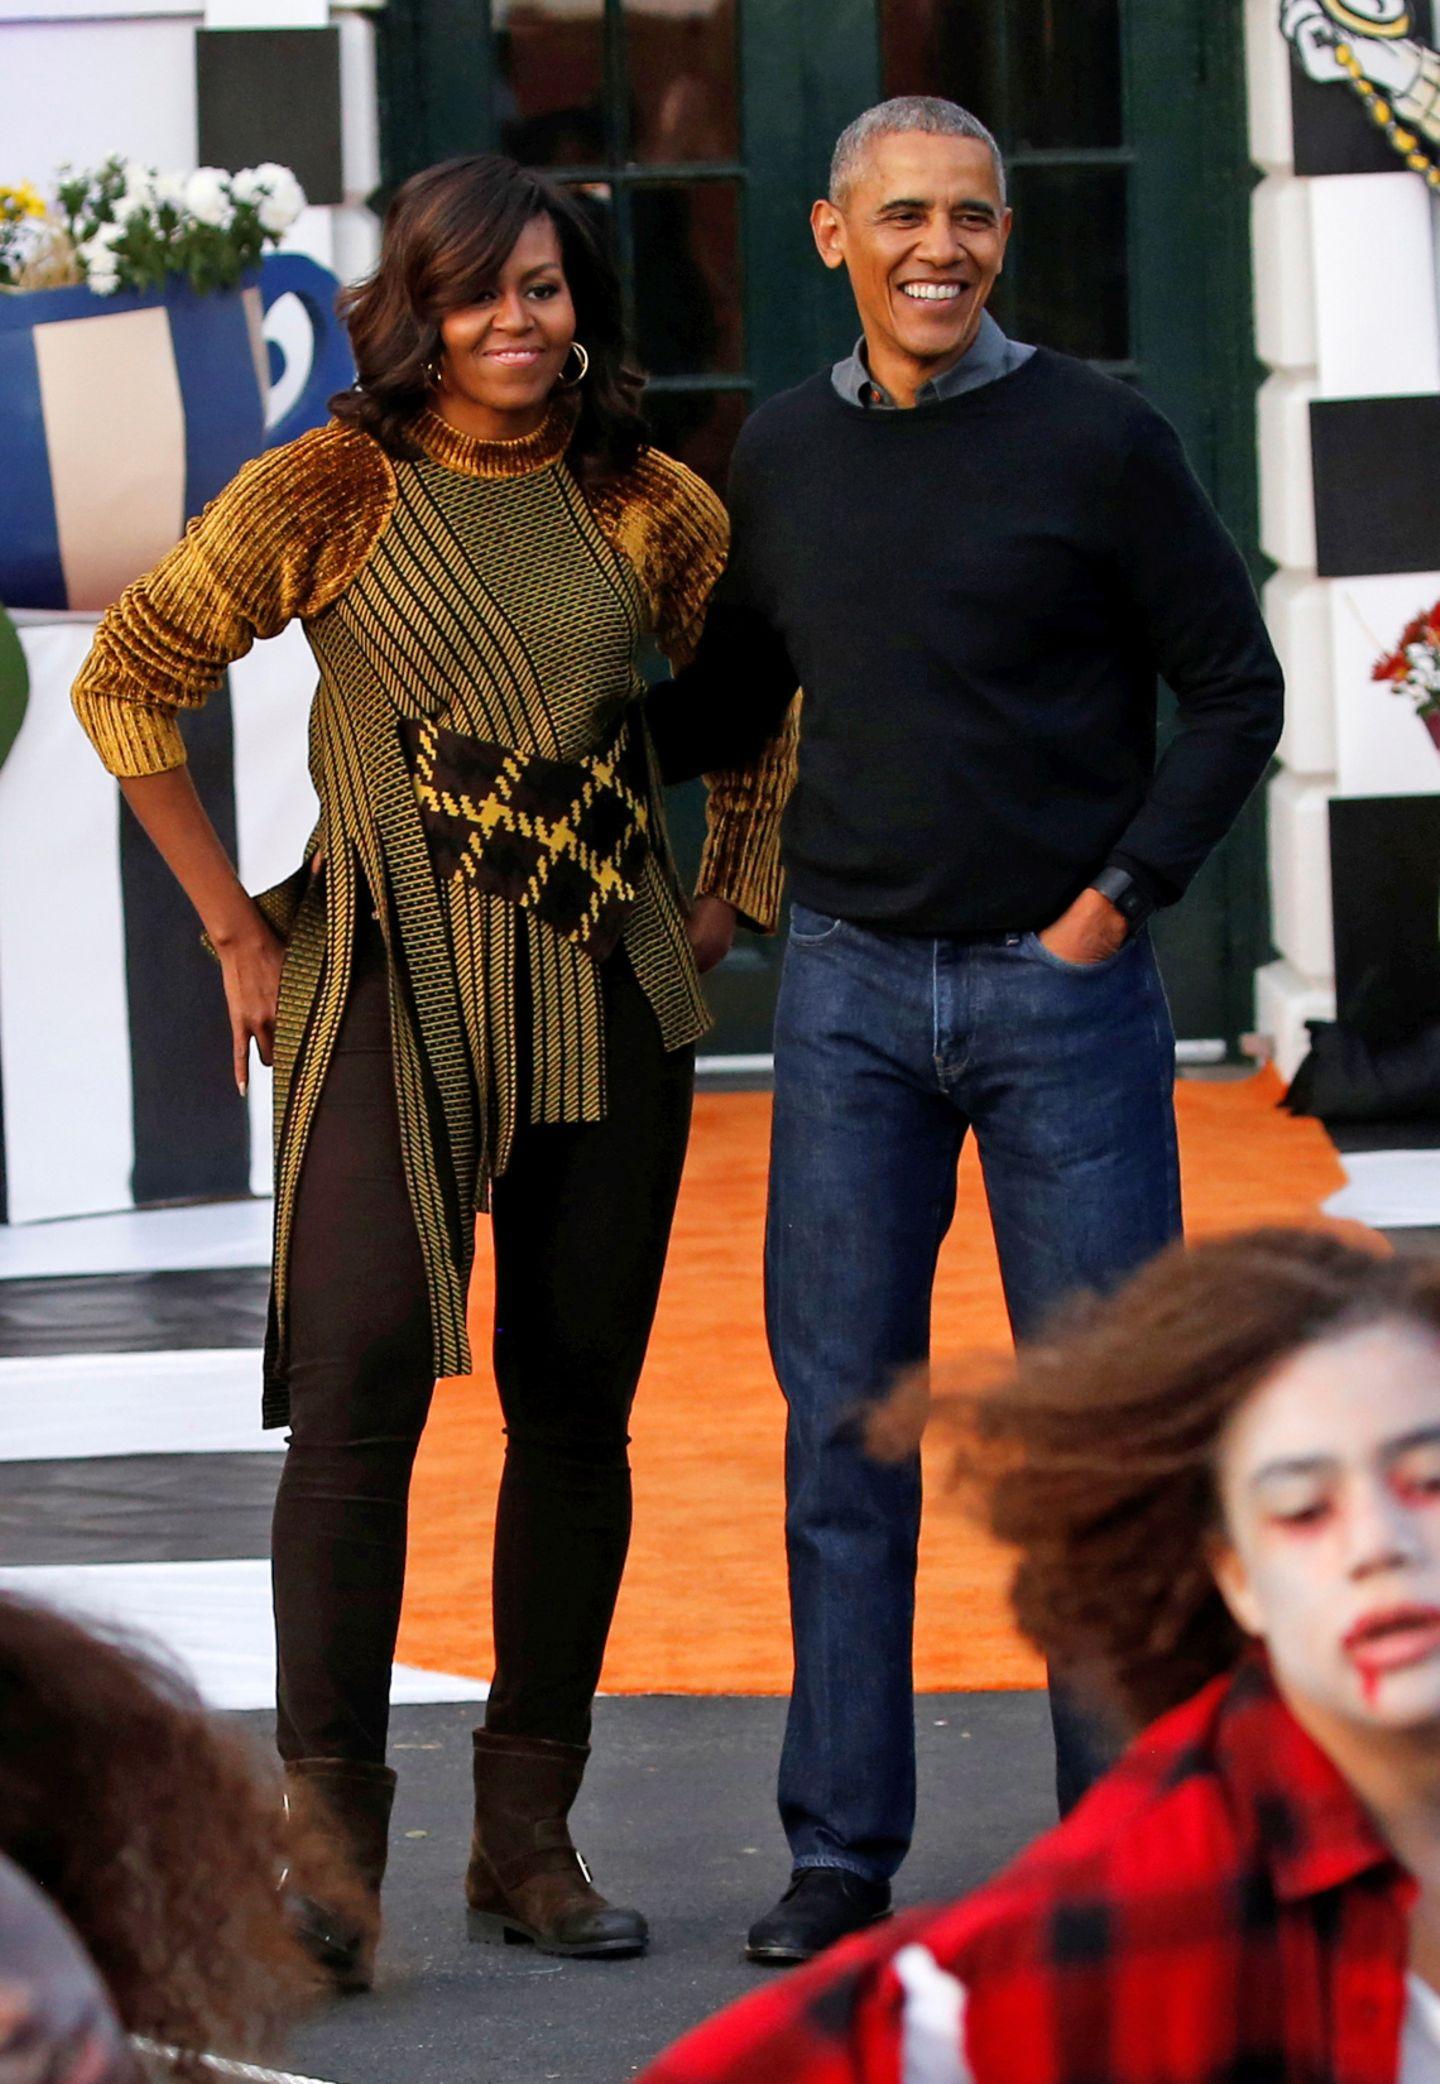 Die Halloween-Party im Weißen Haus feiert Michelle Obama mit ihrem Mann Barack betont lässig, aber stylisch.